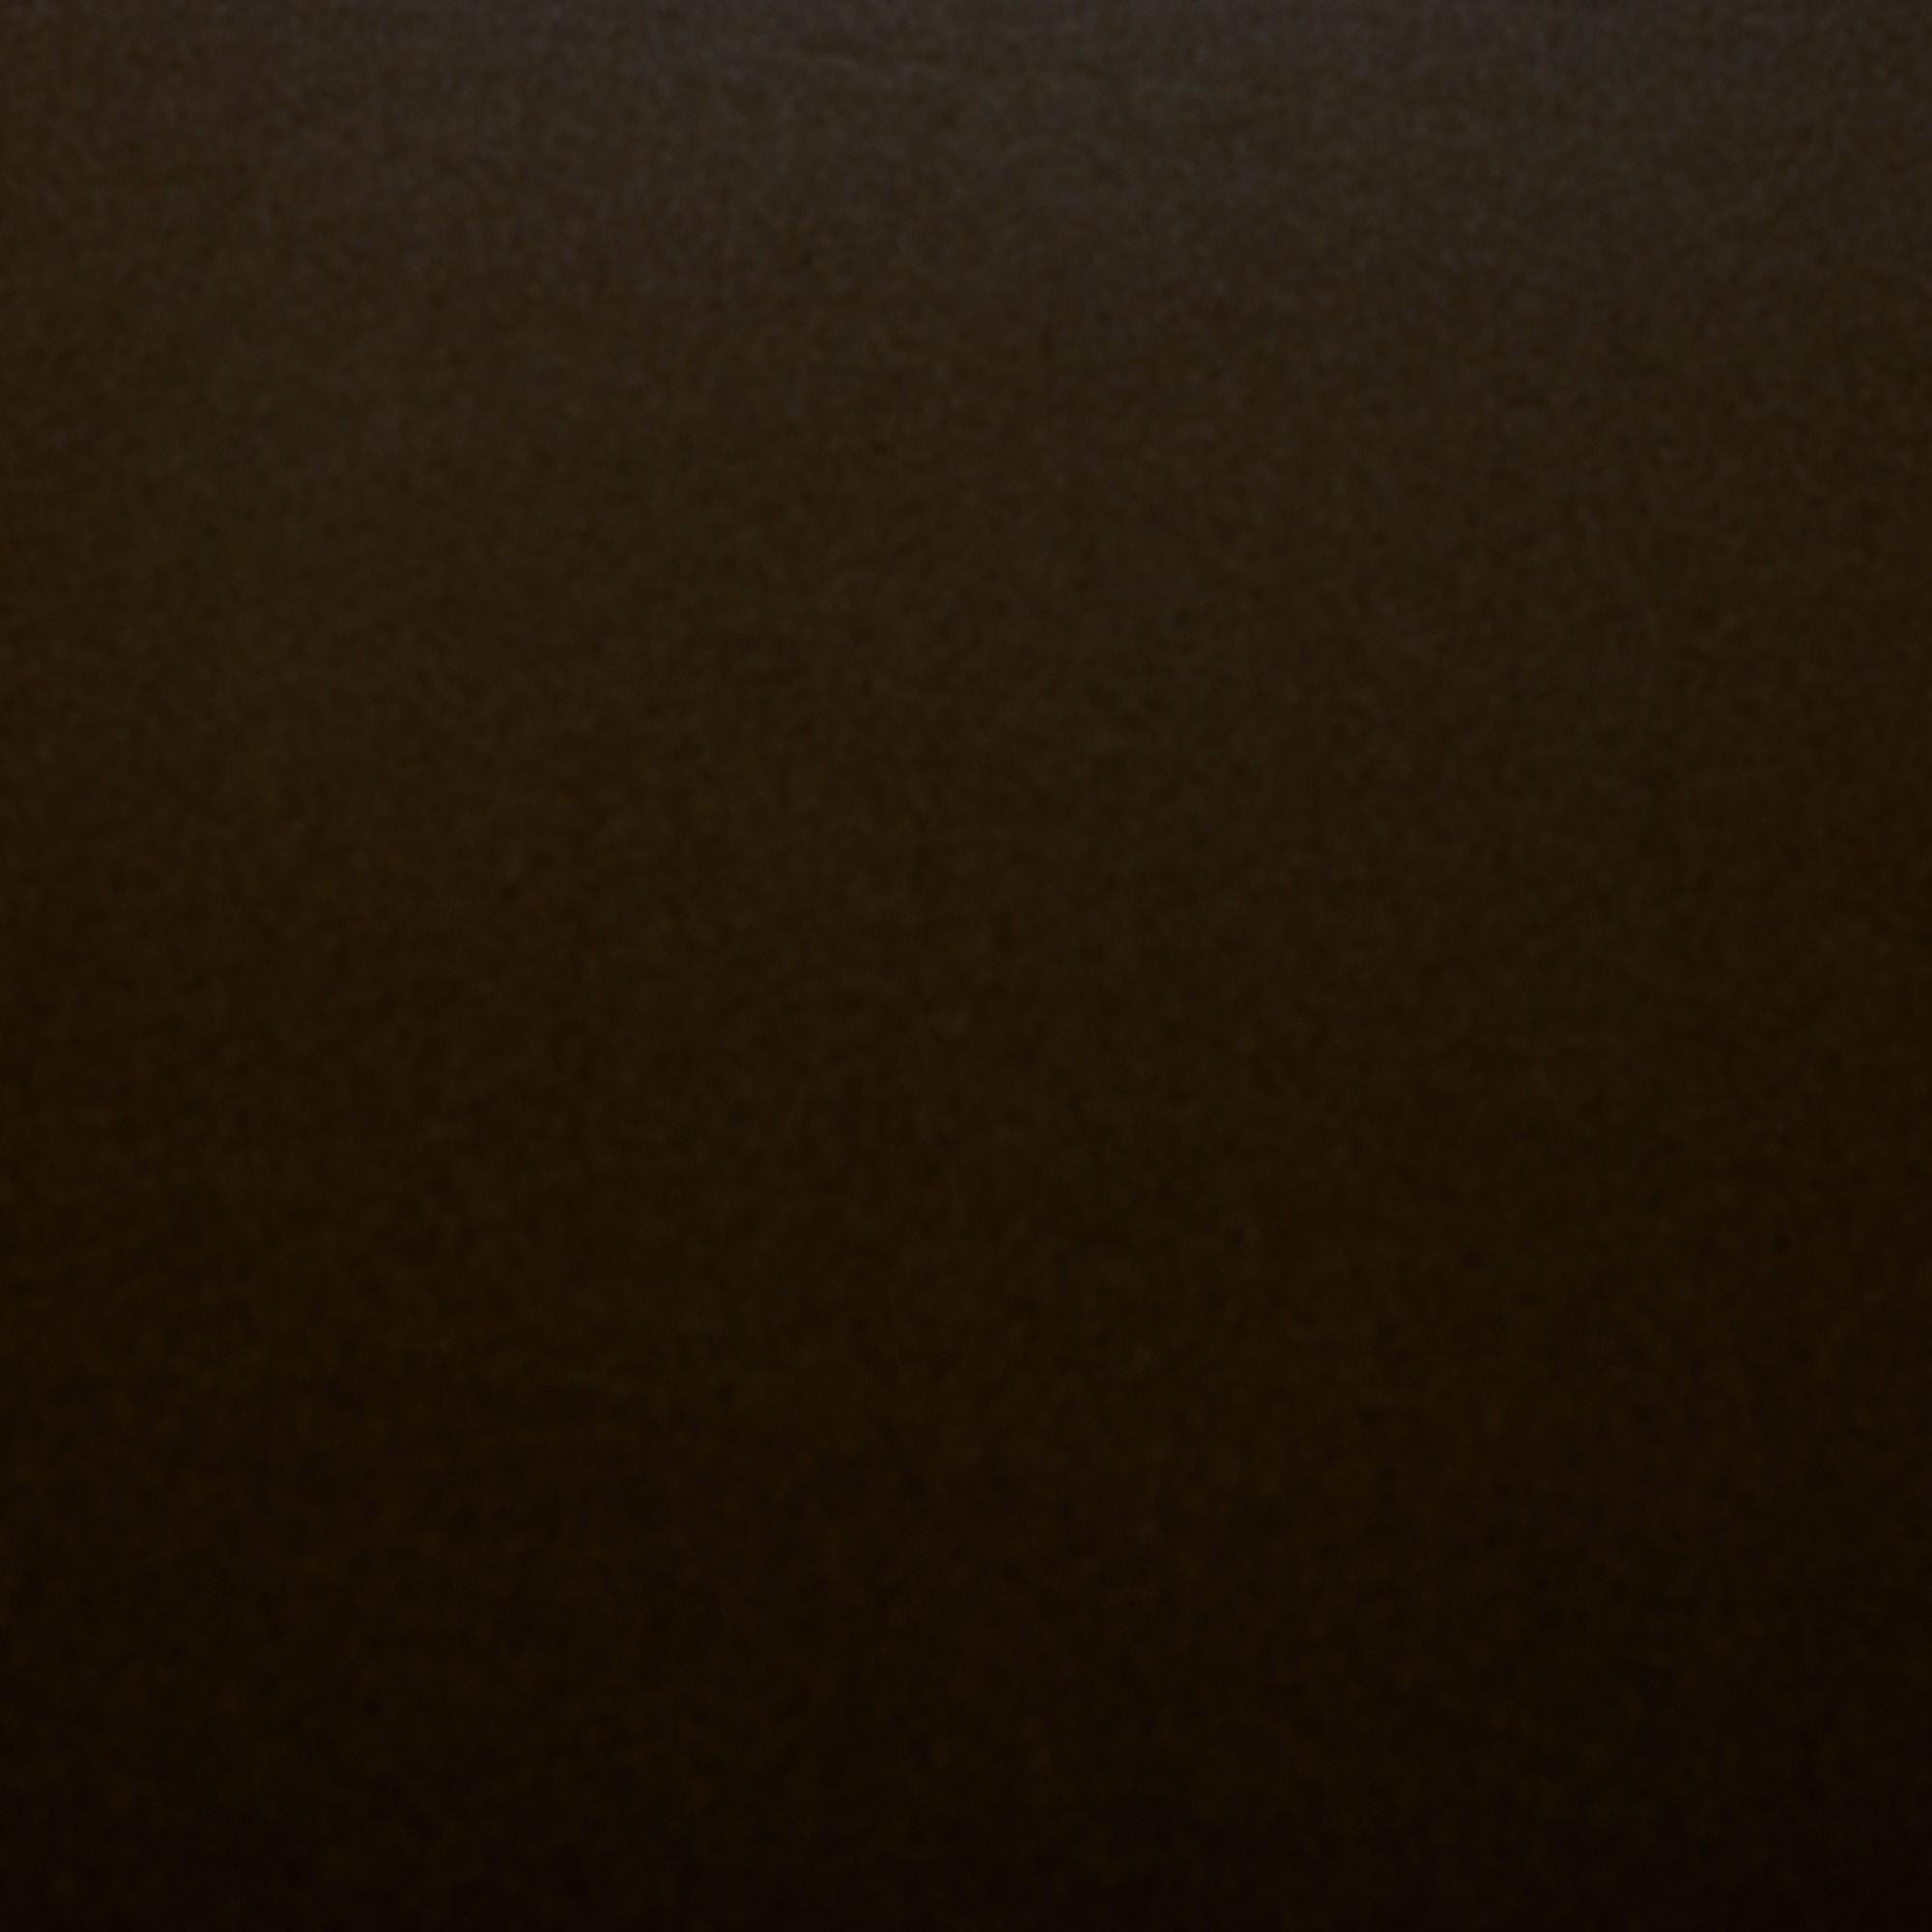 Tecido Oxford 100% Poliester 1,50 Mt Largura Marrom Escuro